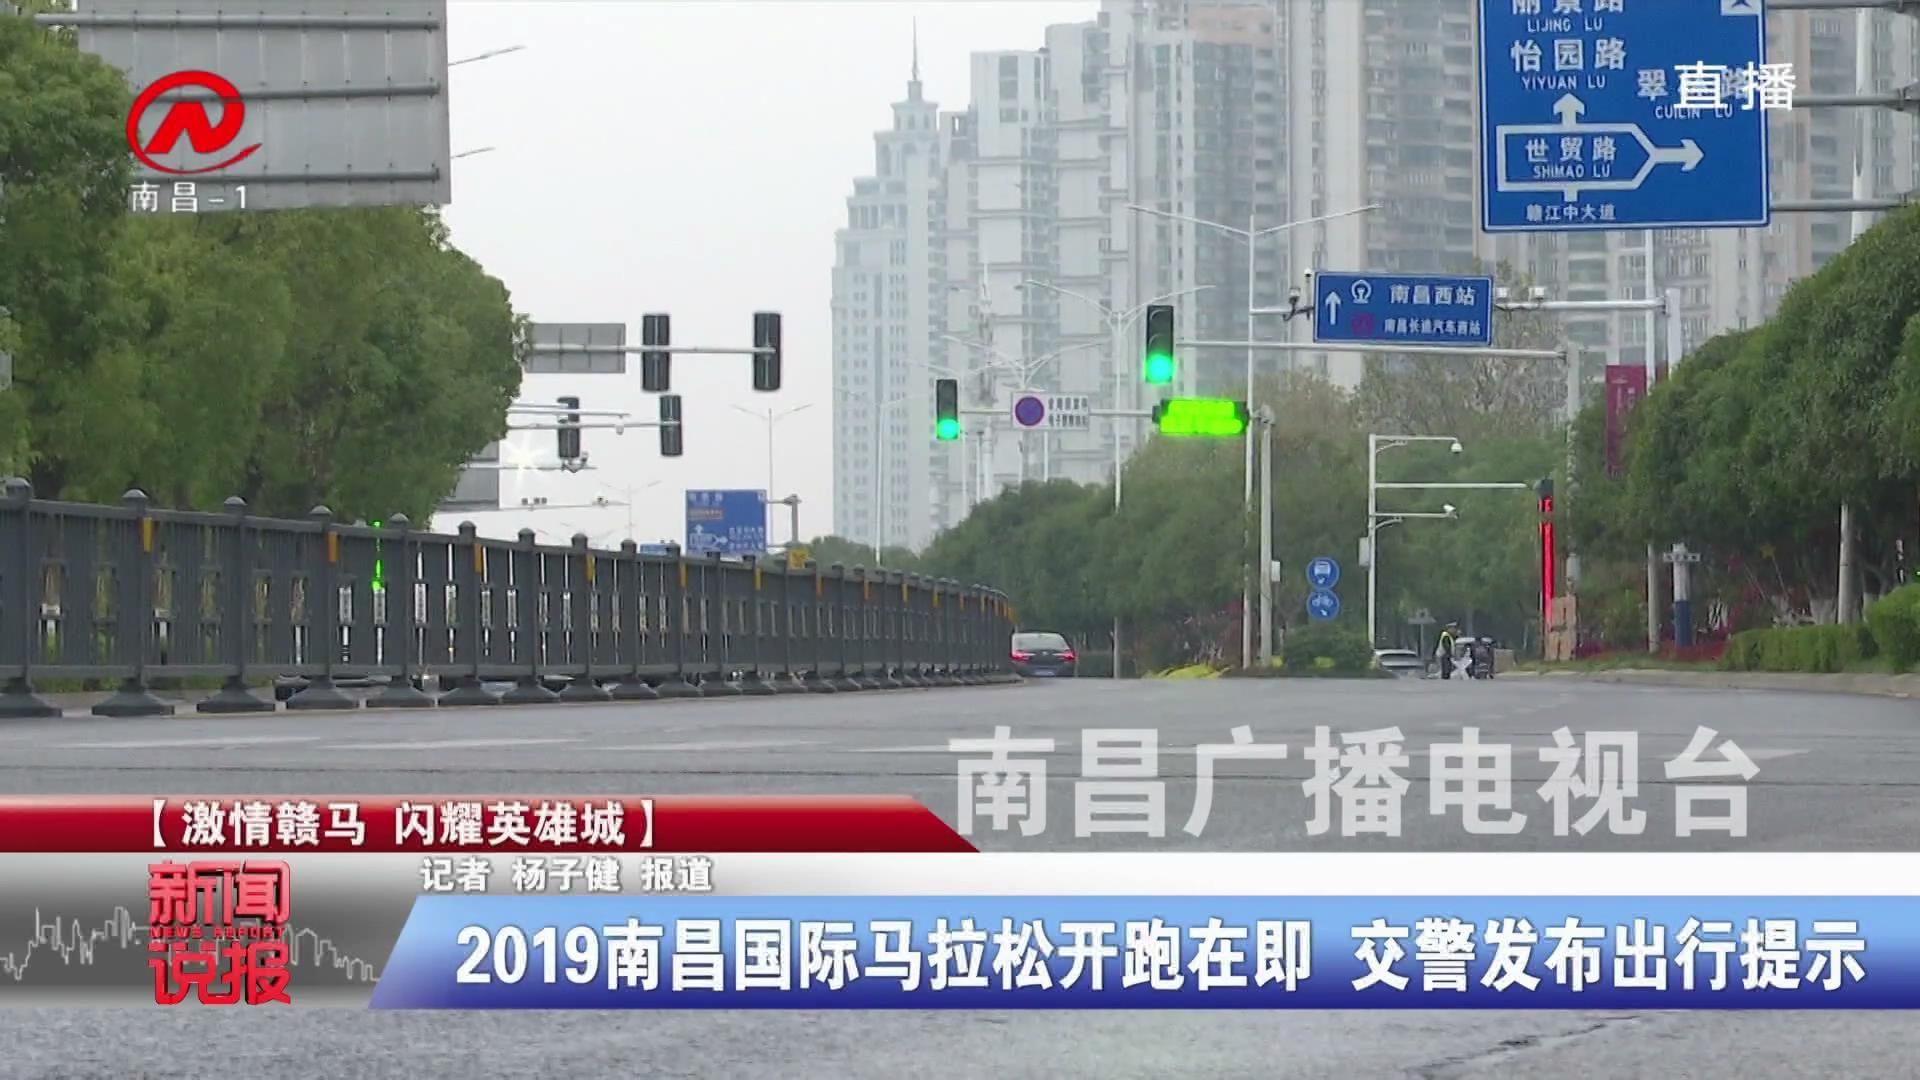 2019南昌国际马拉松开跑在即  交警发布出行提示